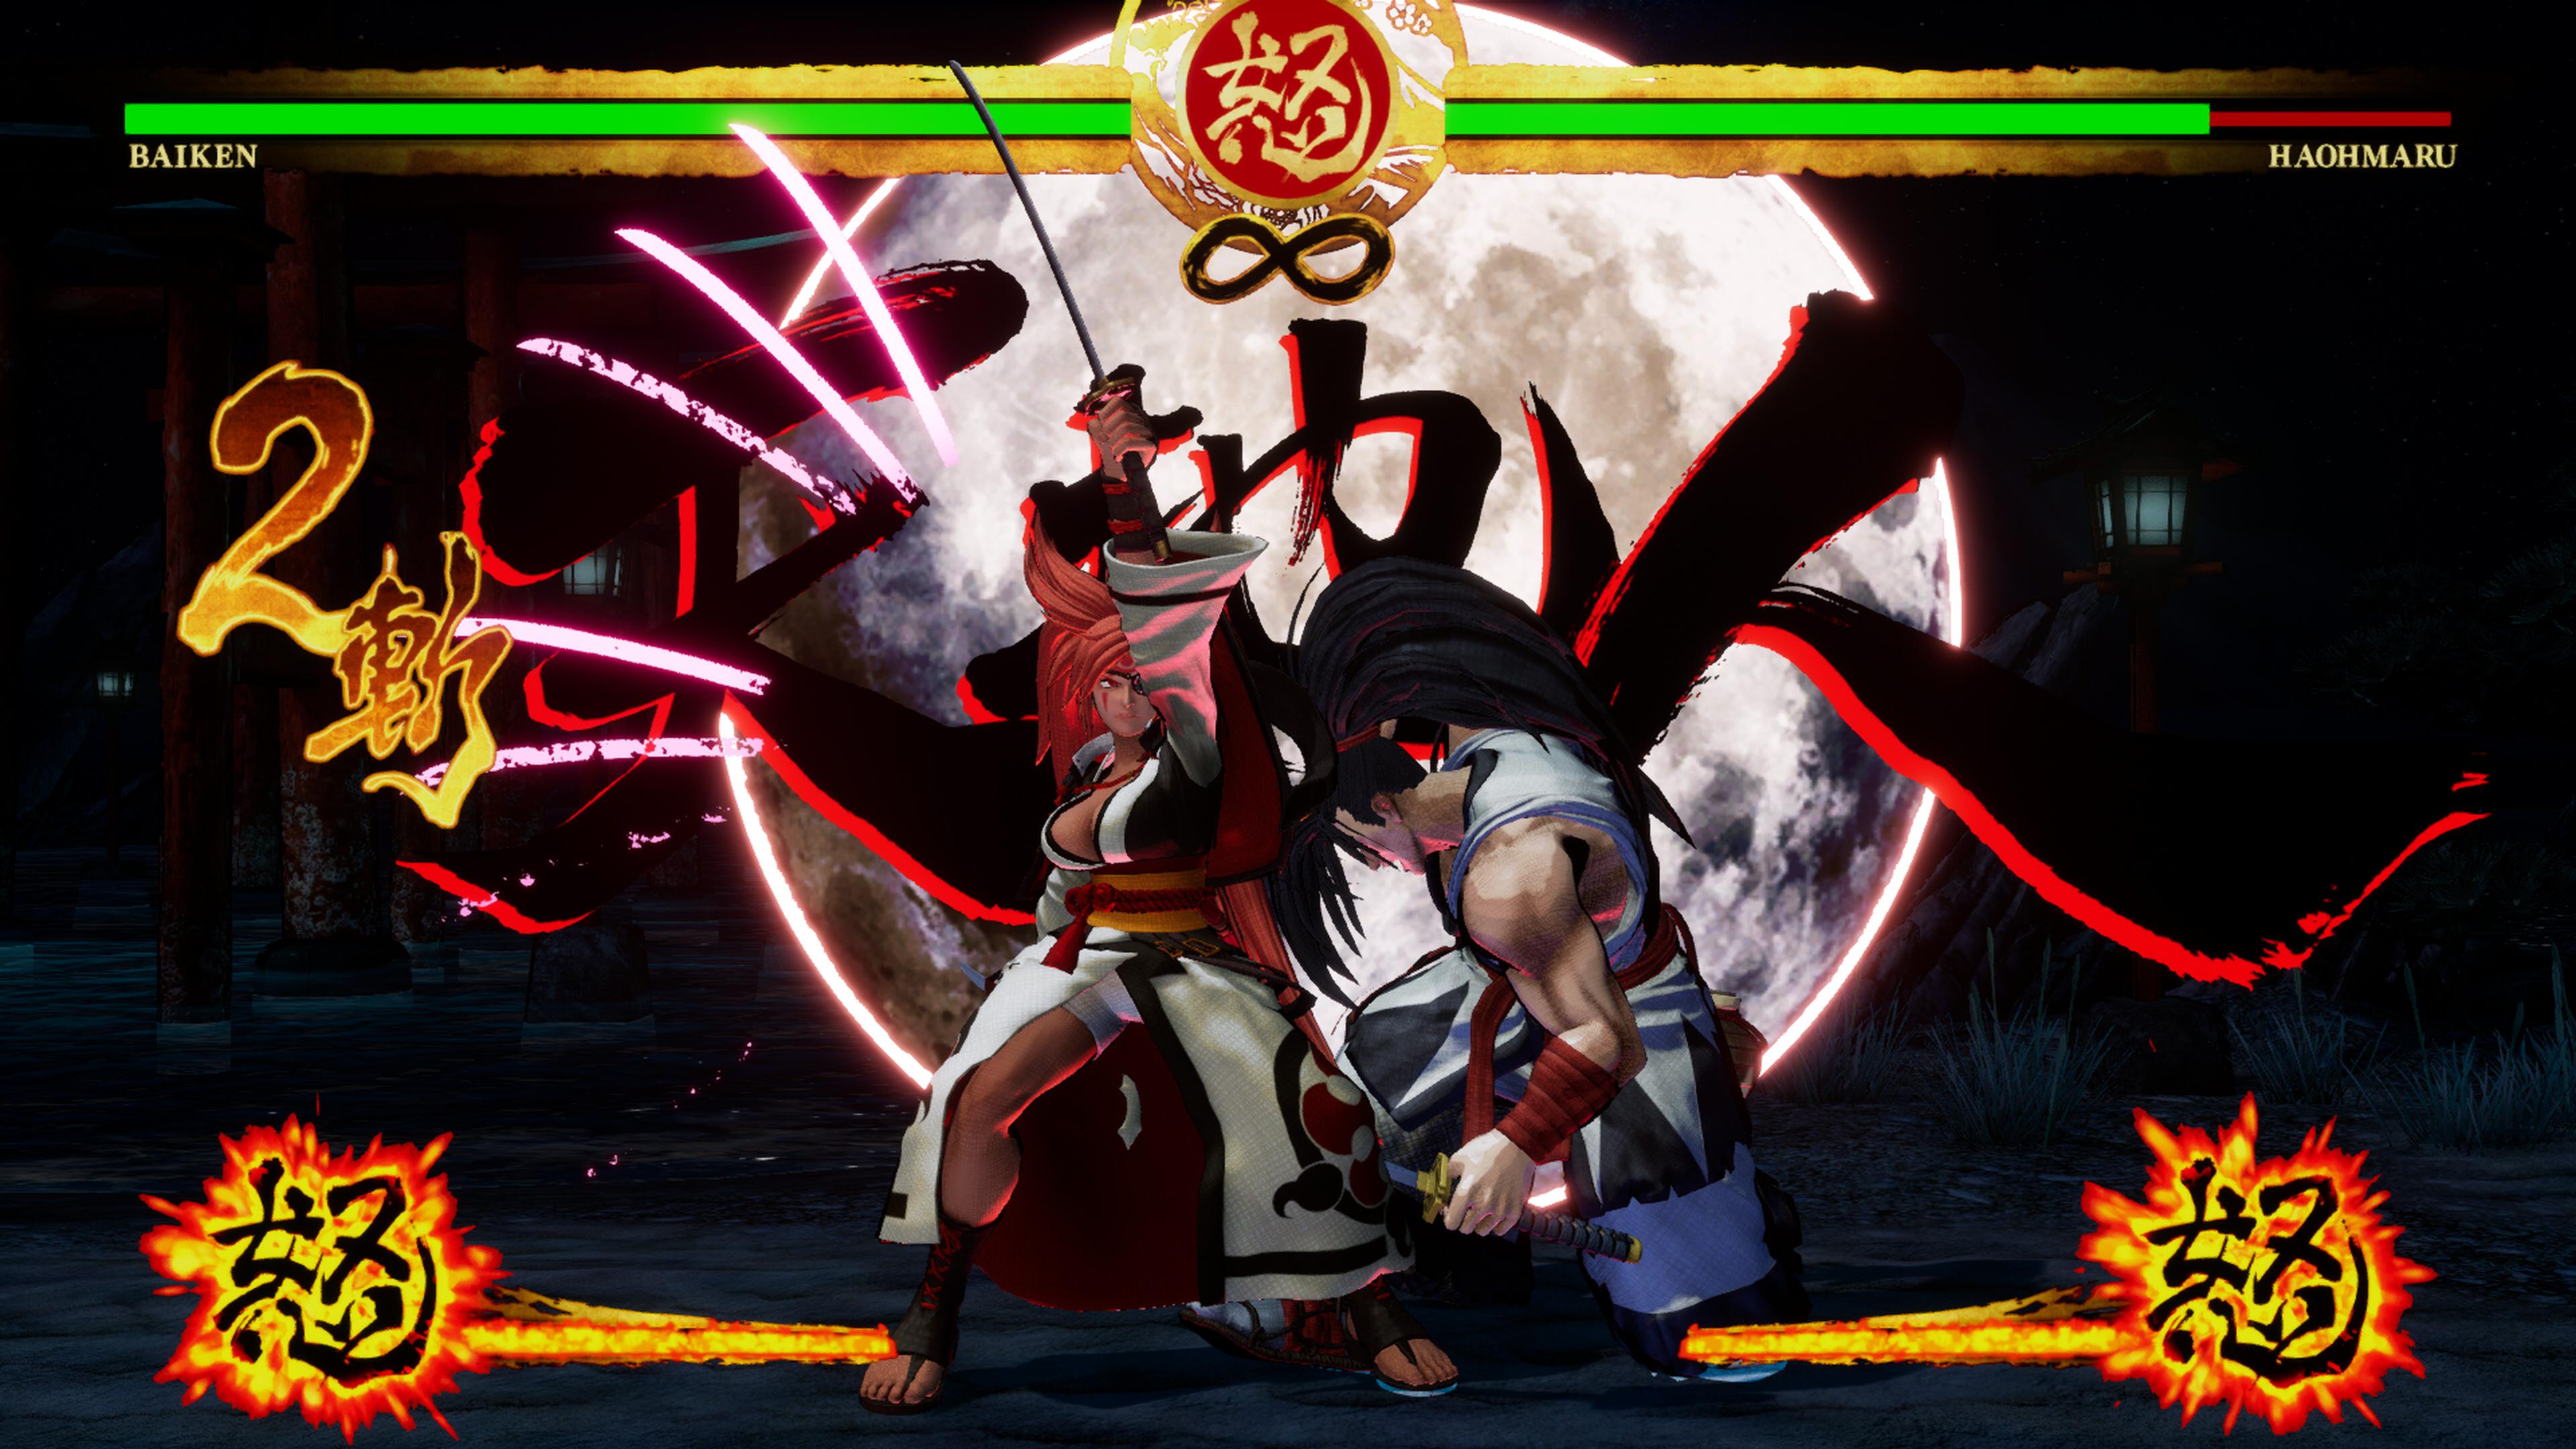 Скриншот №3 к SAMURAI SHODOWN DLC С ПЕРСОНАЖЕМ «BAIKEN»